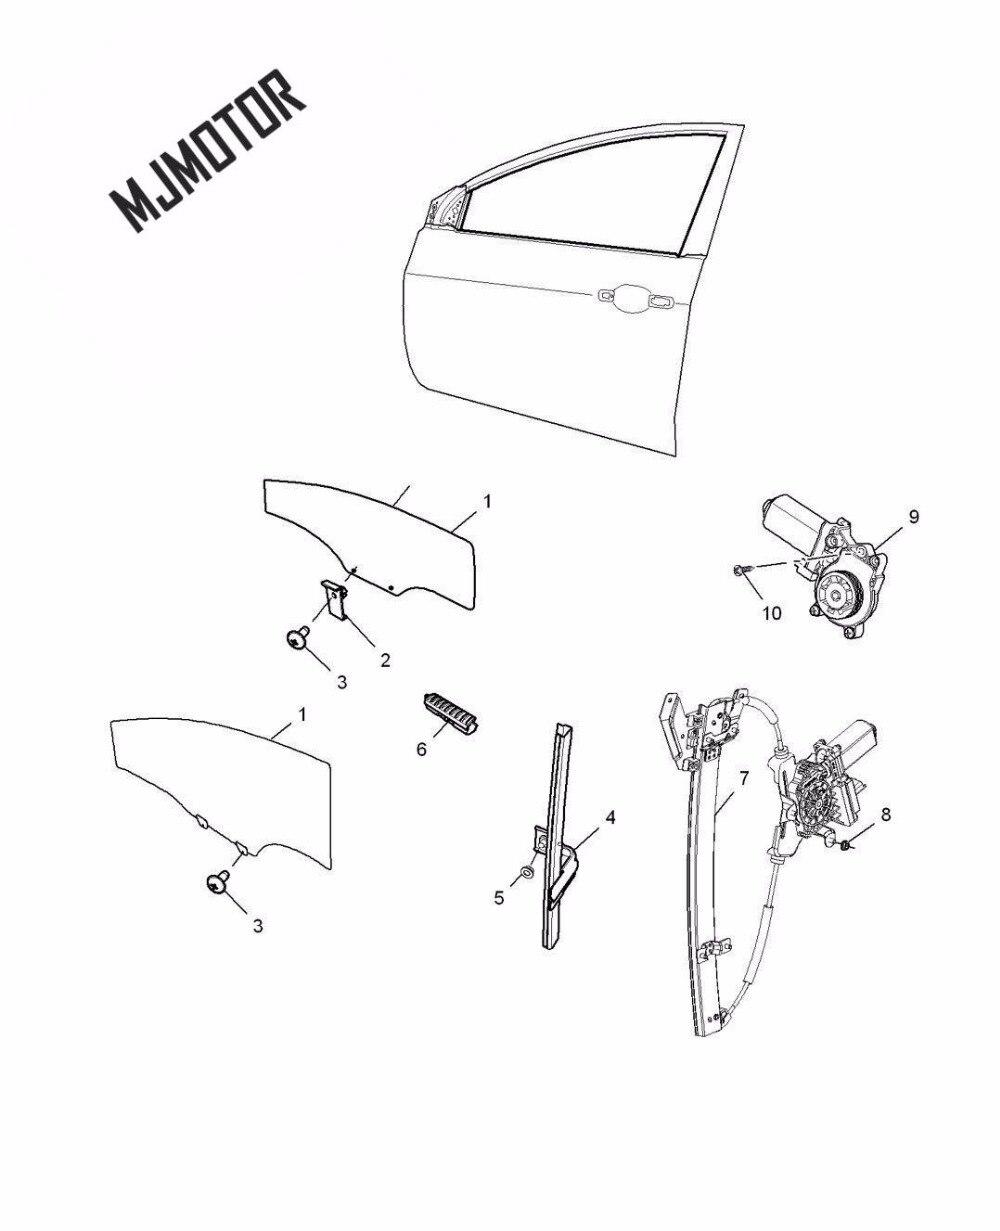 Support régulateur de fenêtre assy. Avec moteur gauche droite avant côté arrière pour chinois SAIC ROEWE 350 MG5 Auto voiture moteur partie 10096926 - 6